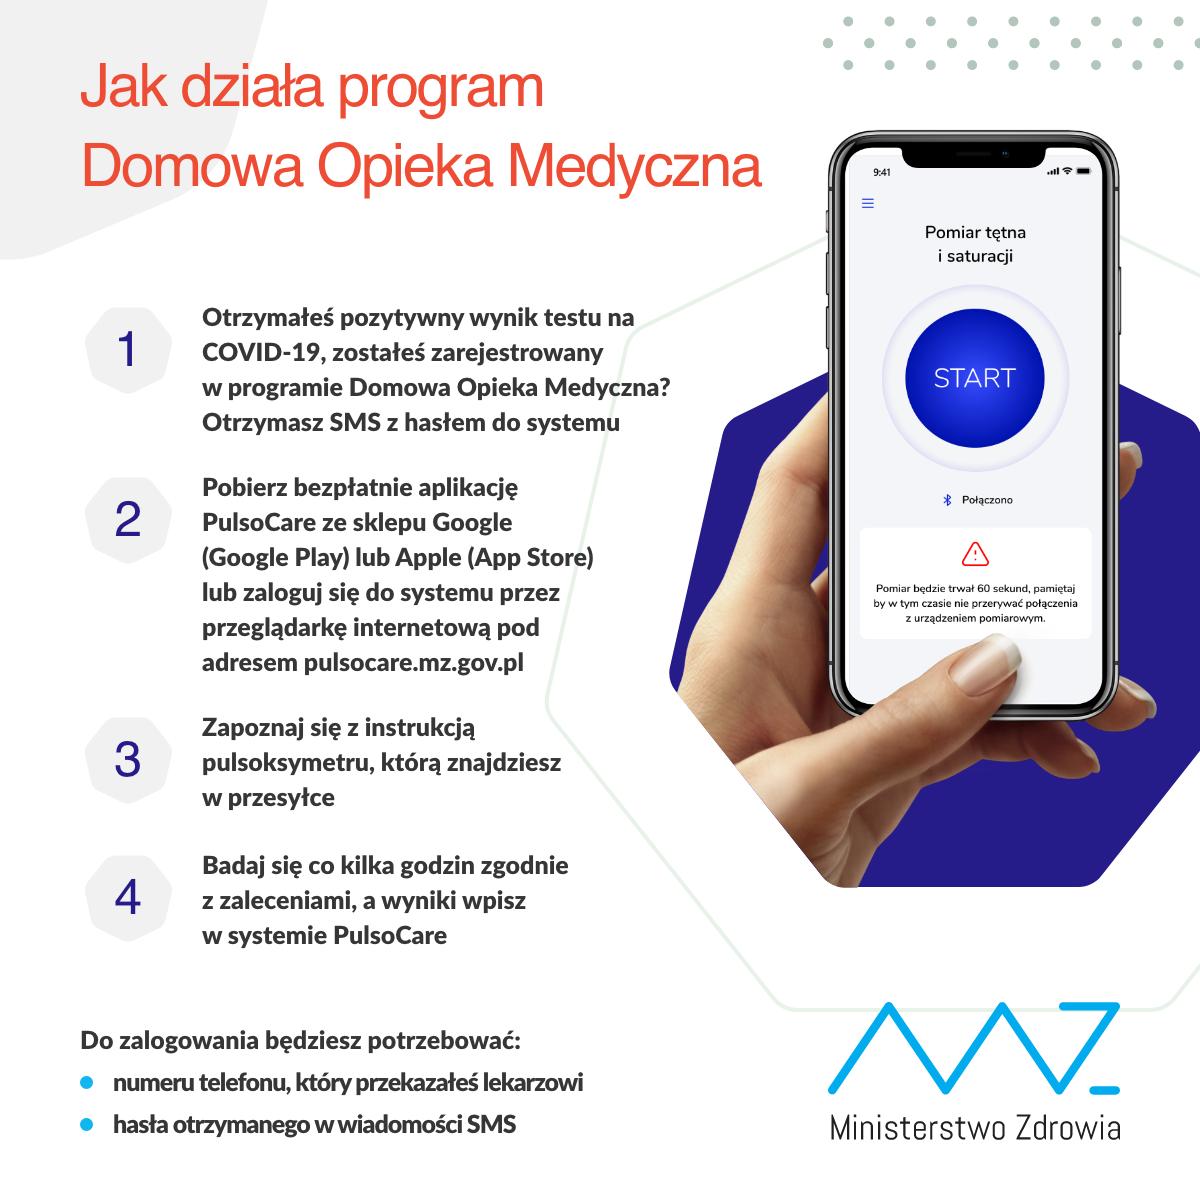 Ulotka informująca, jak działa program Darmowej Opieki Zdrowotnej